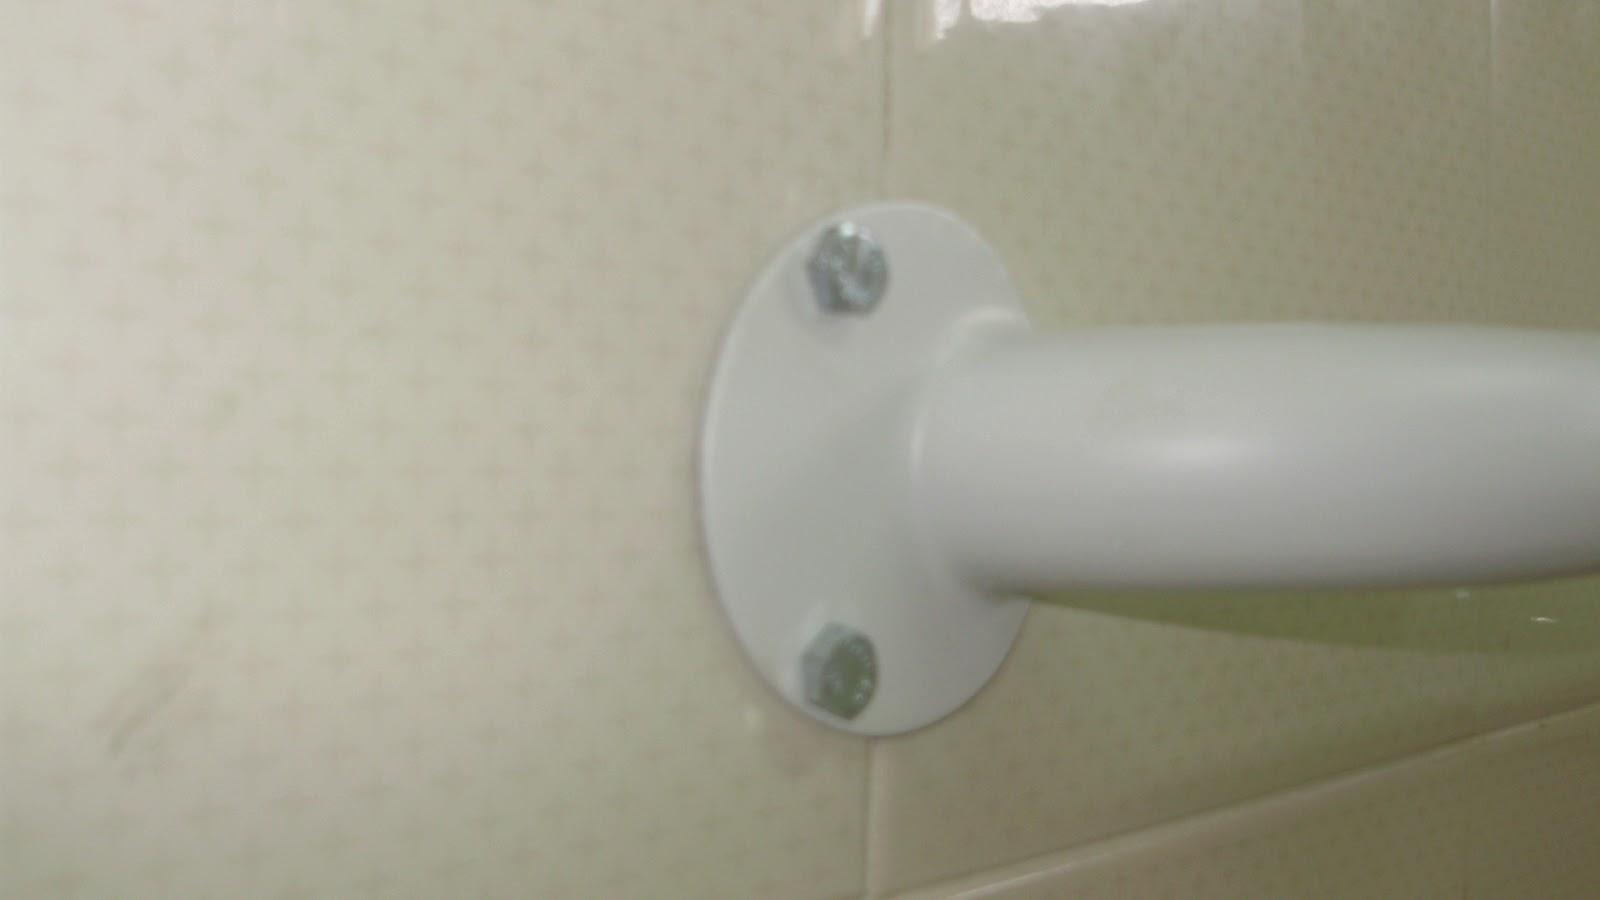 SERRALHERIA CAIADO: Kit de Acessibilidade para banheiros NBR 9050 #696649 1600x900 Banheiro Cadeirante Nbr 9050